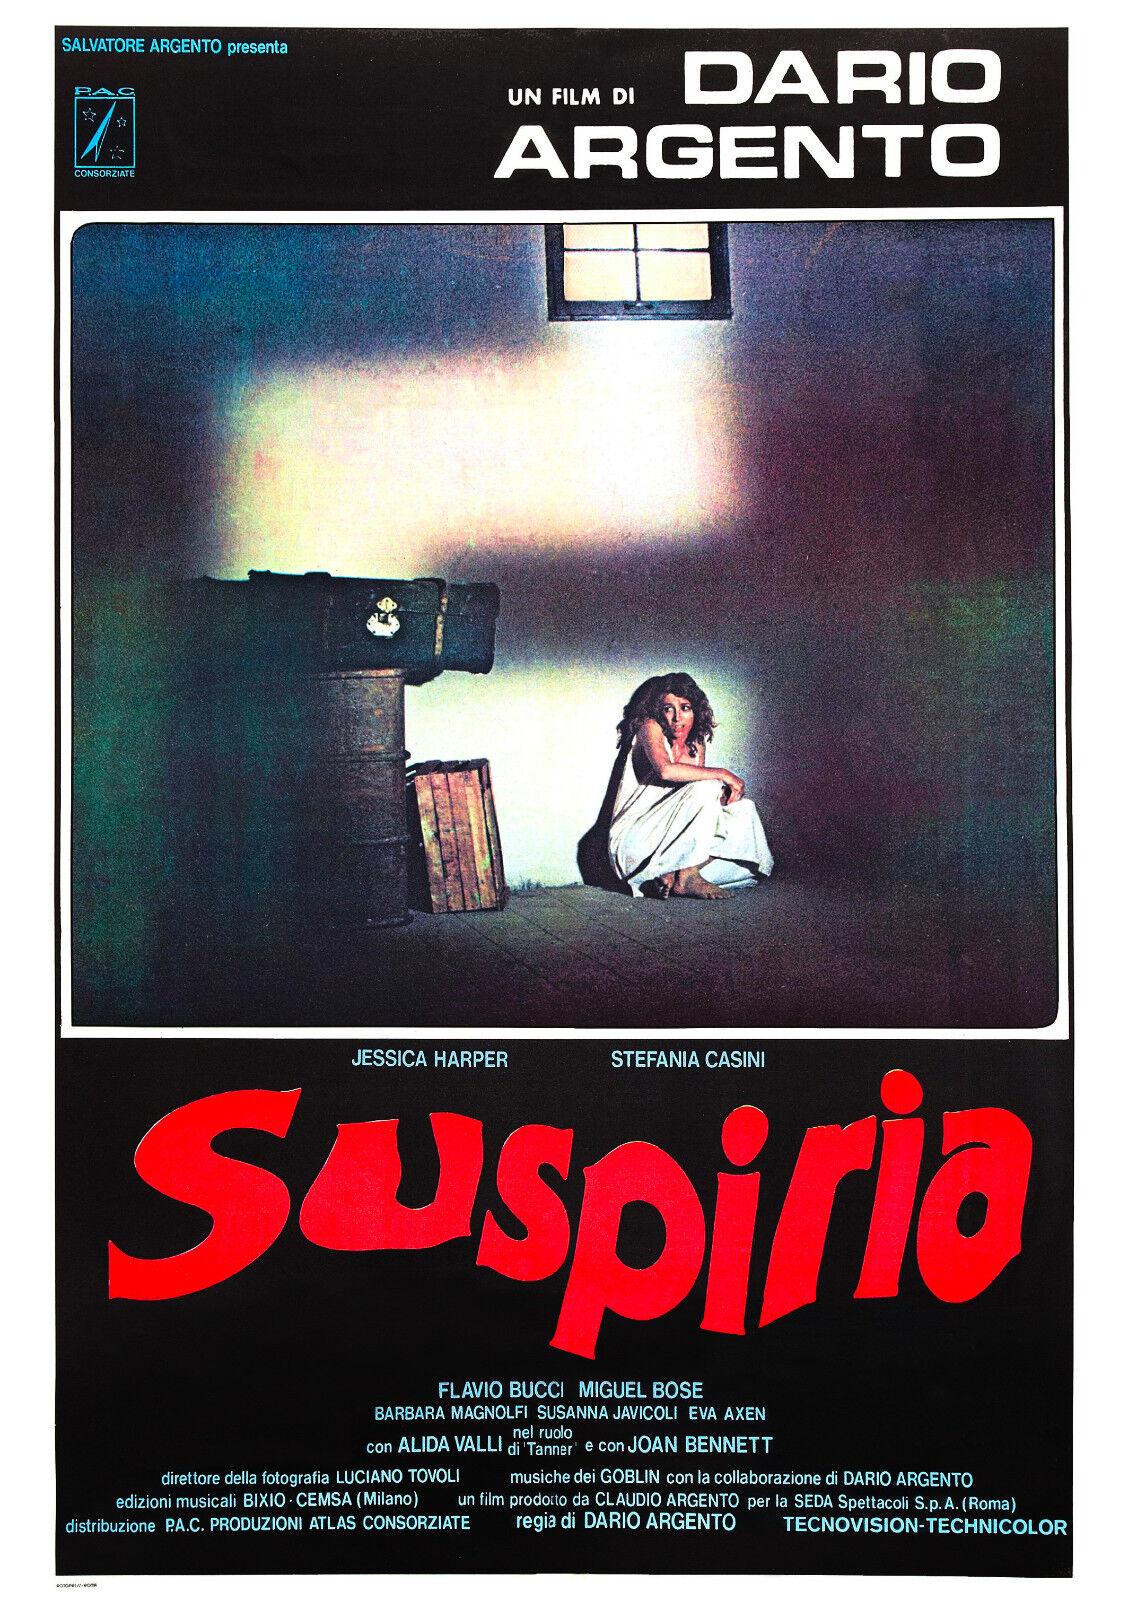 Suspiria (1977) Movie Poster Dario Argento | eBay